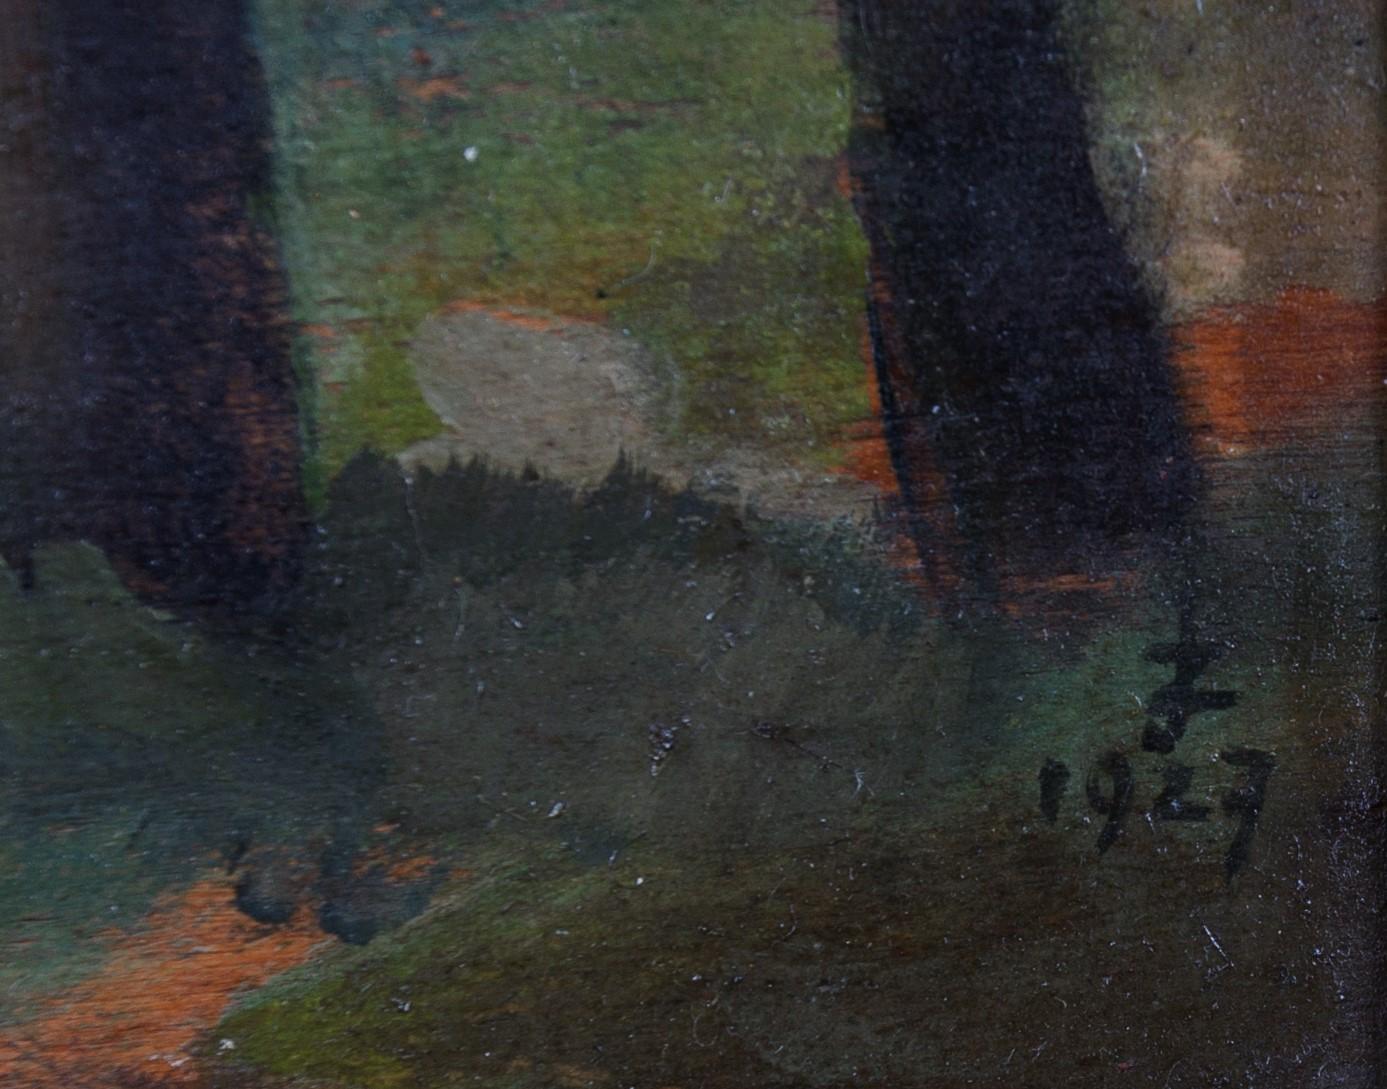 ZAMOYSKI JAN (1901 KAZIMIERZA WIELKA - 1986 WARSZAWA), RZUCEWO, 1927